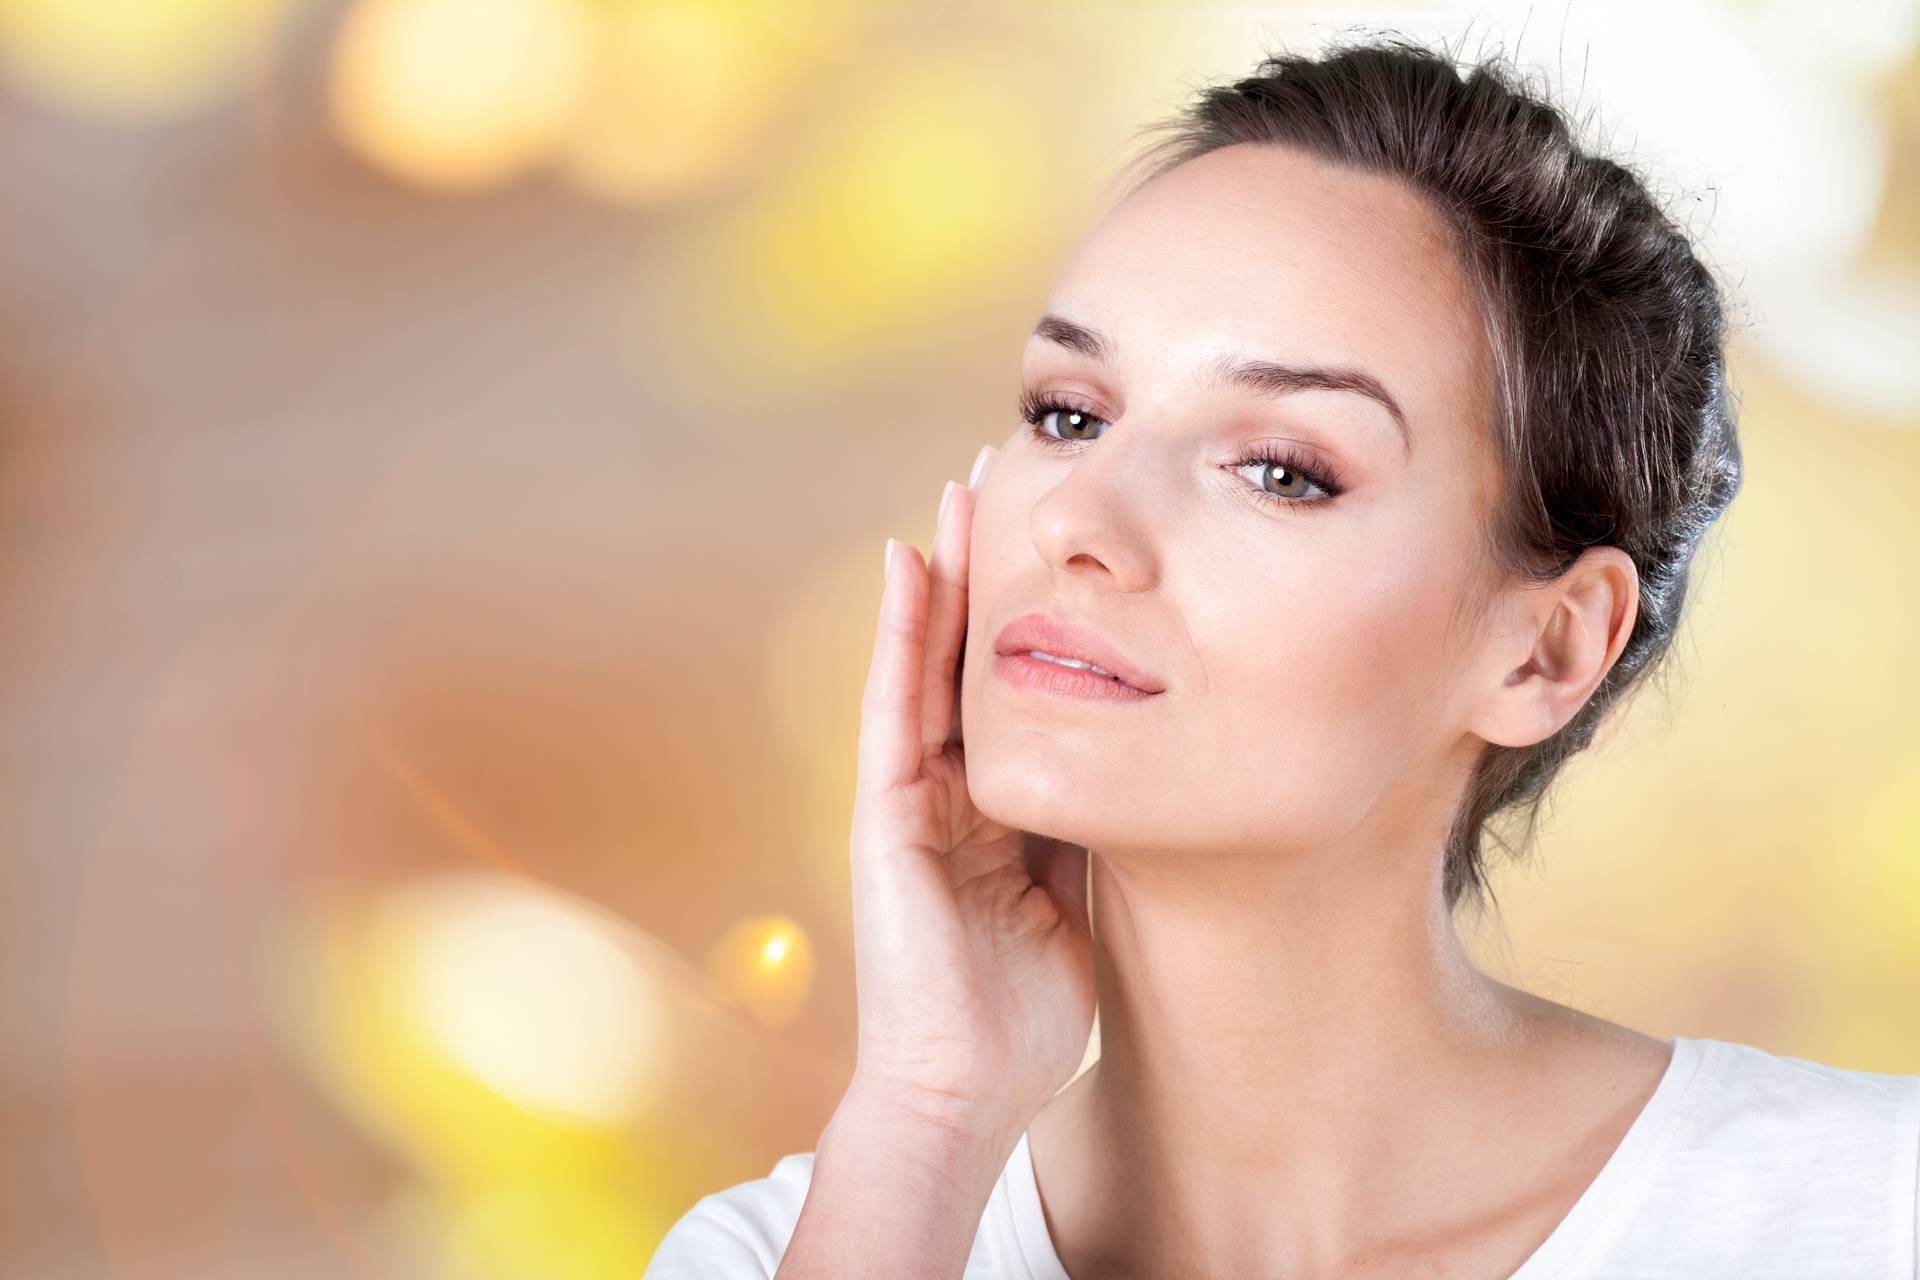 Beauty navike koje će postarati kožu: Spavanje sa šminkom, ali i pretjerivanje s pilingom